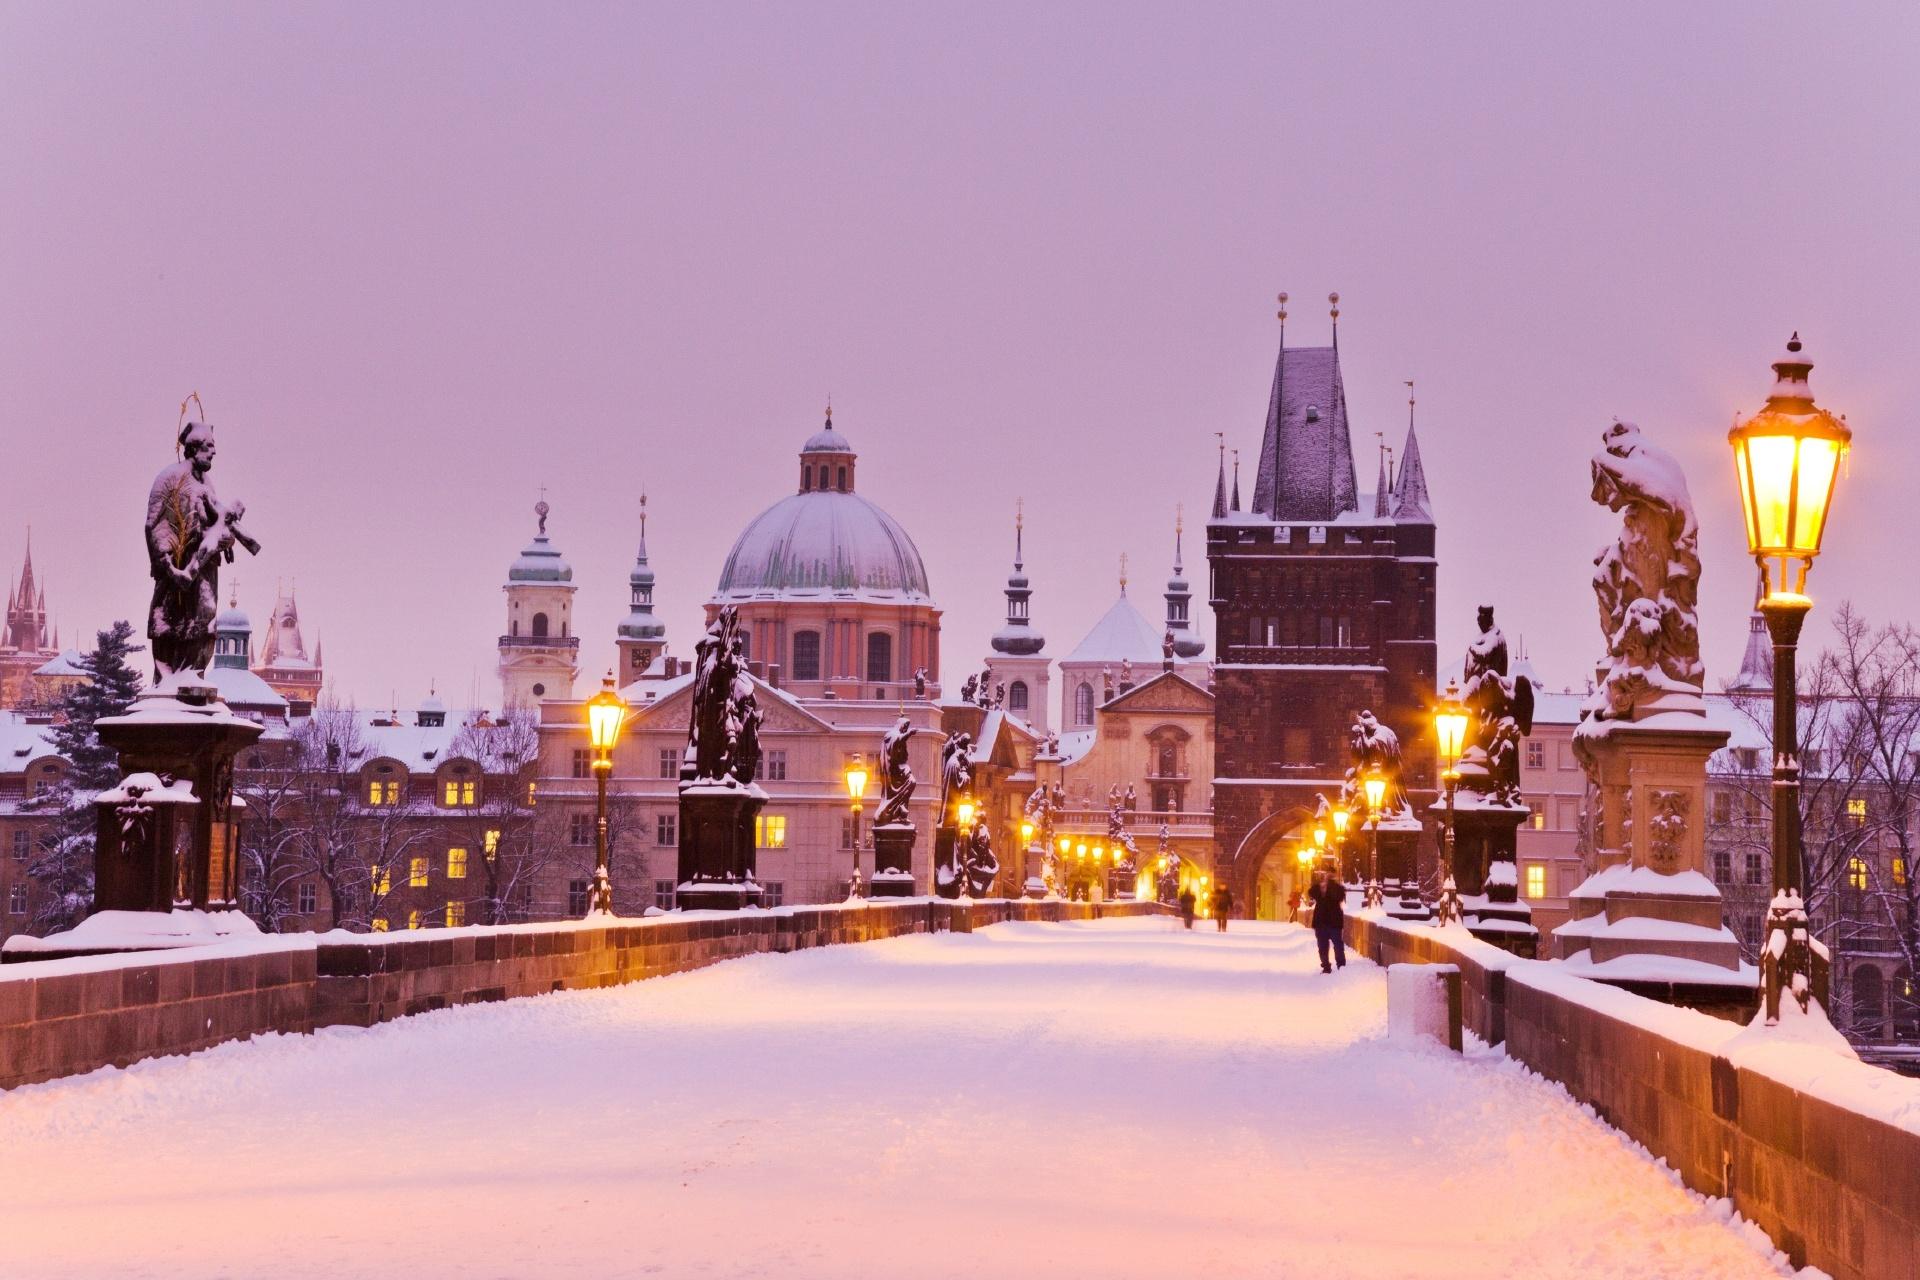 カレル橋と旧市街の風景 プラハの風景